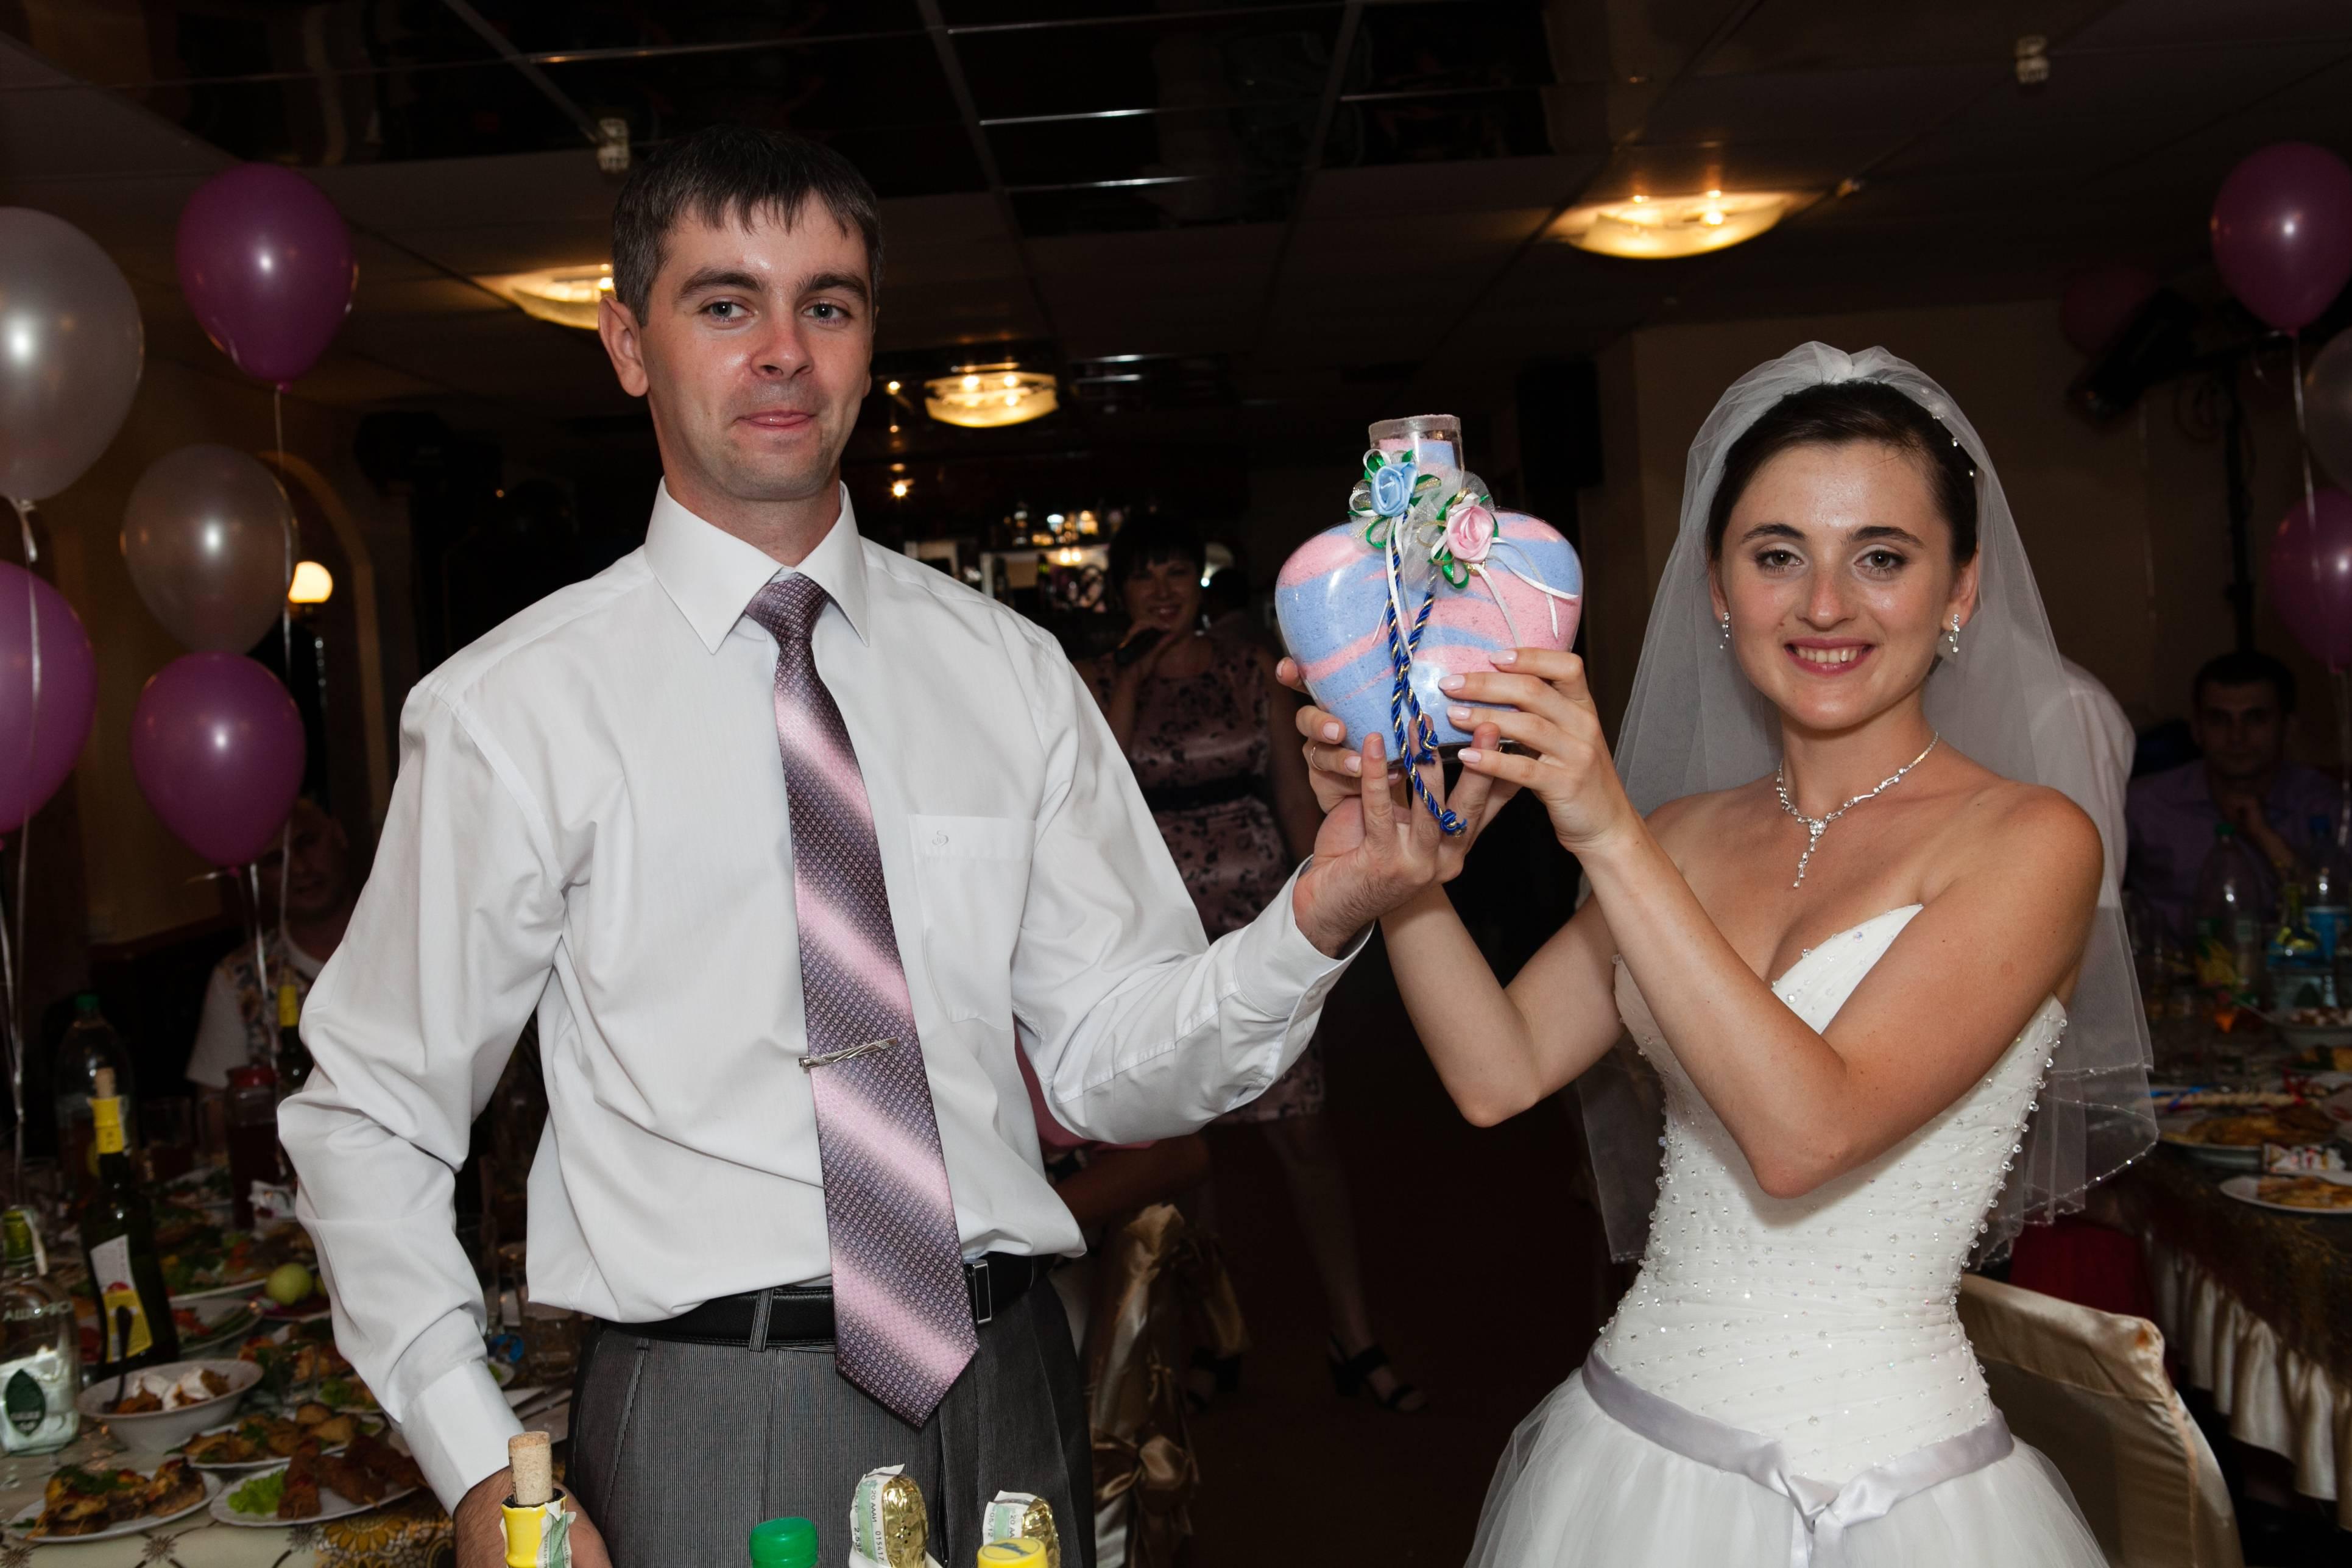 Сценарий песочной церемонии на свадьбе